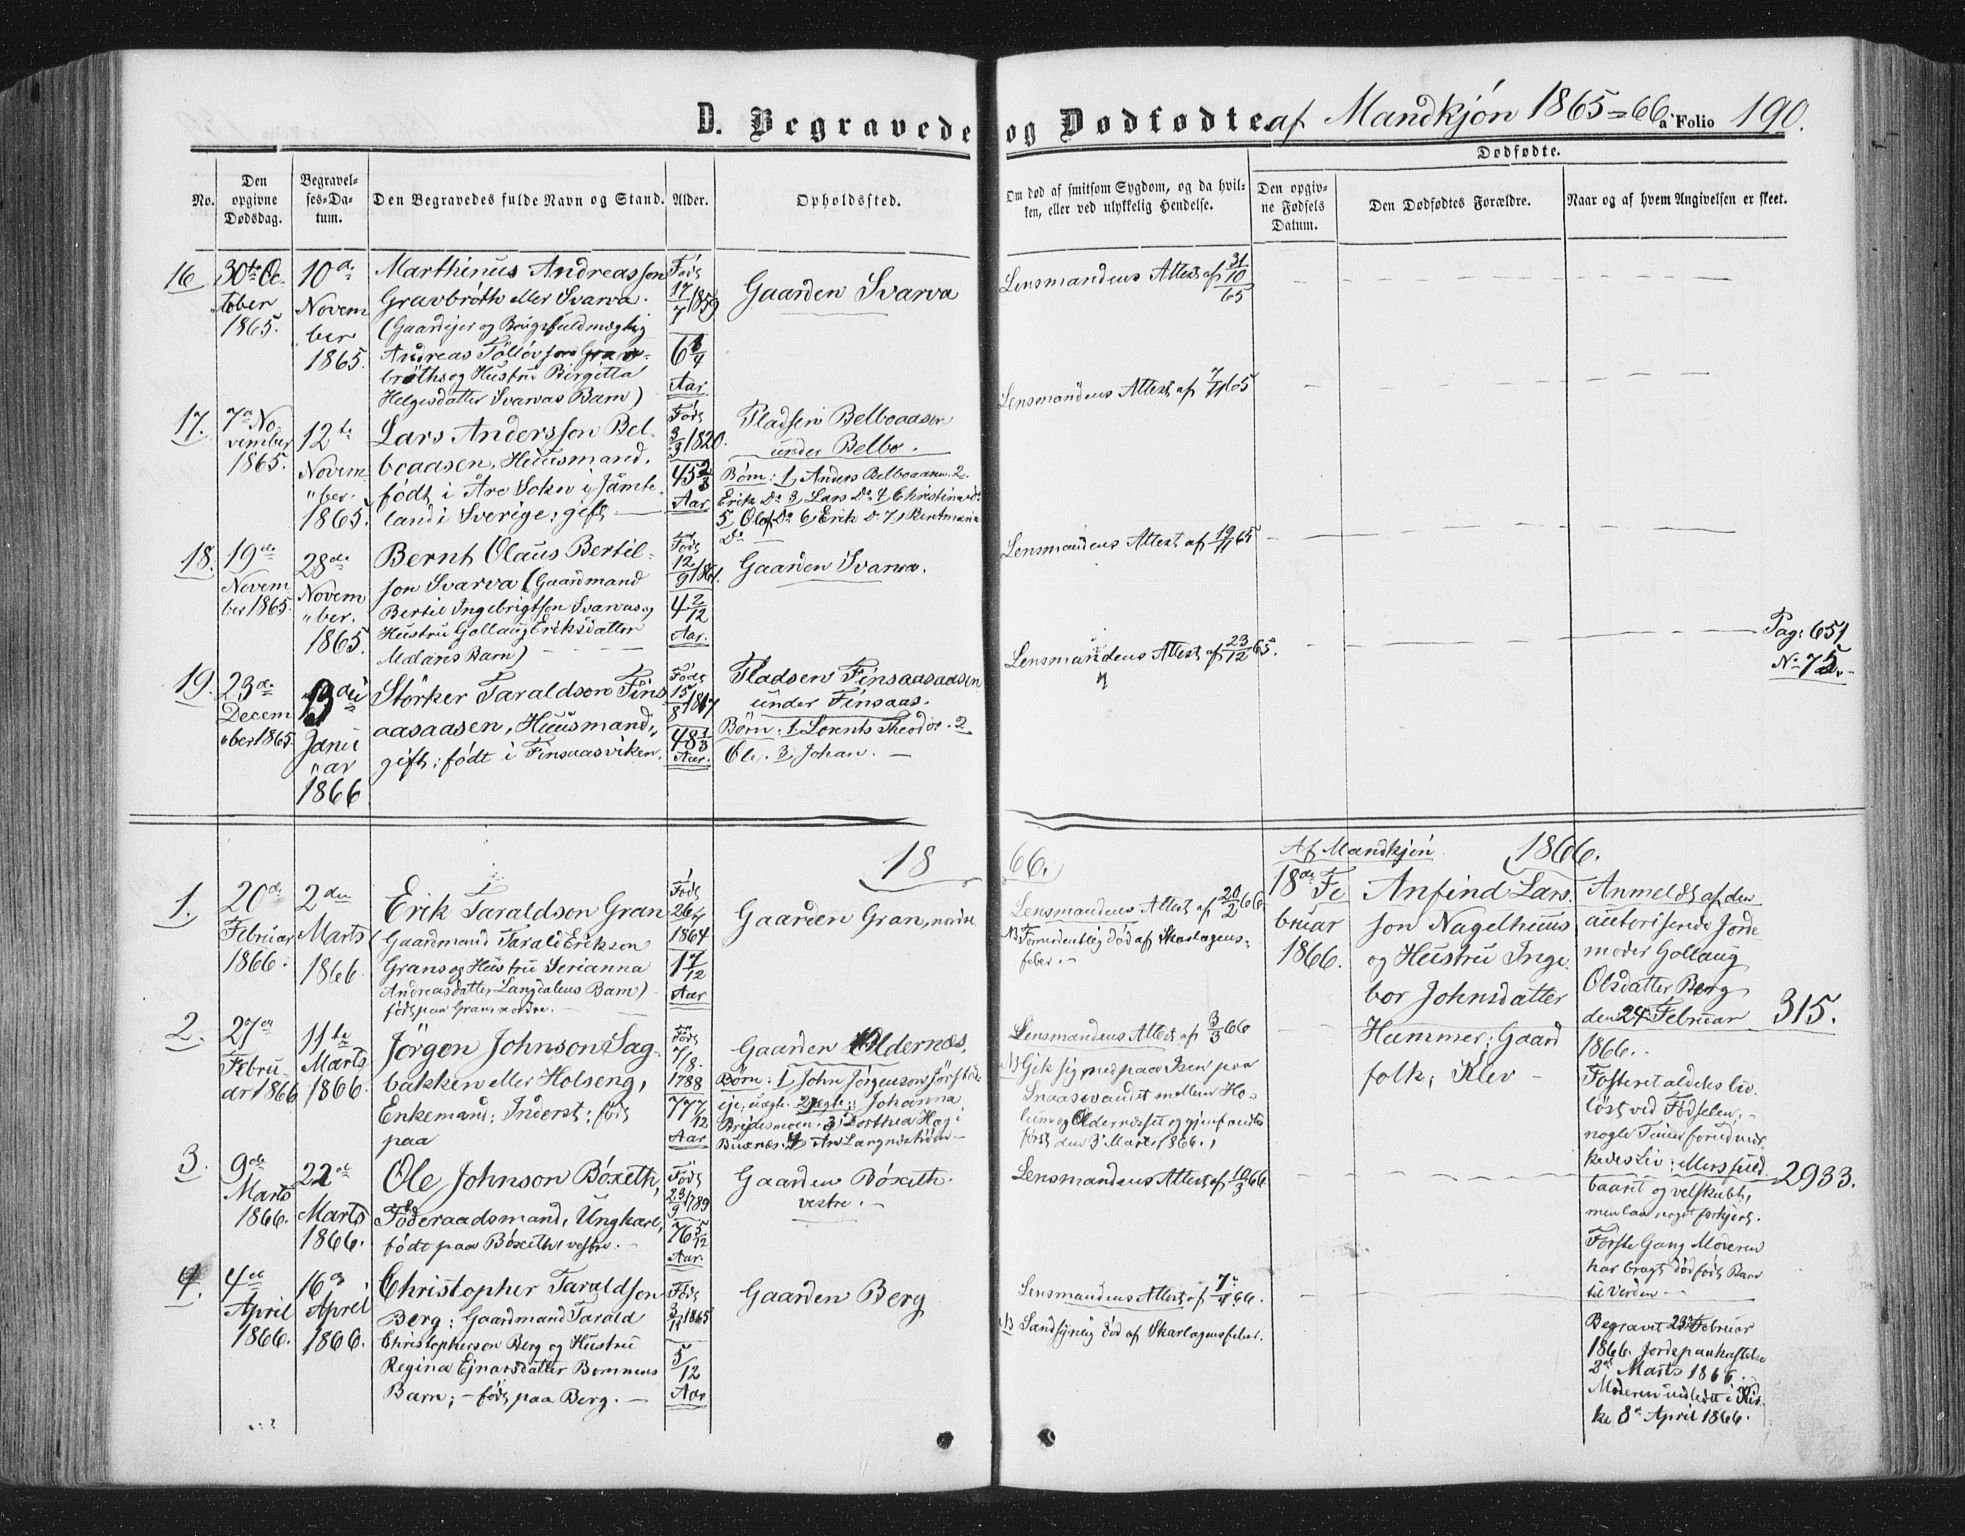 SAT, Ministerialprotokoller, klokkerbøker og fødselsregistre - Nord-Trøndelag, 749/L0472: Ministerialbok nr. 749A06, 1857-1873, s. 190